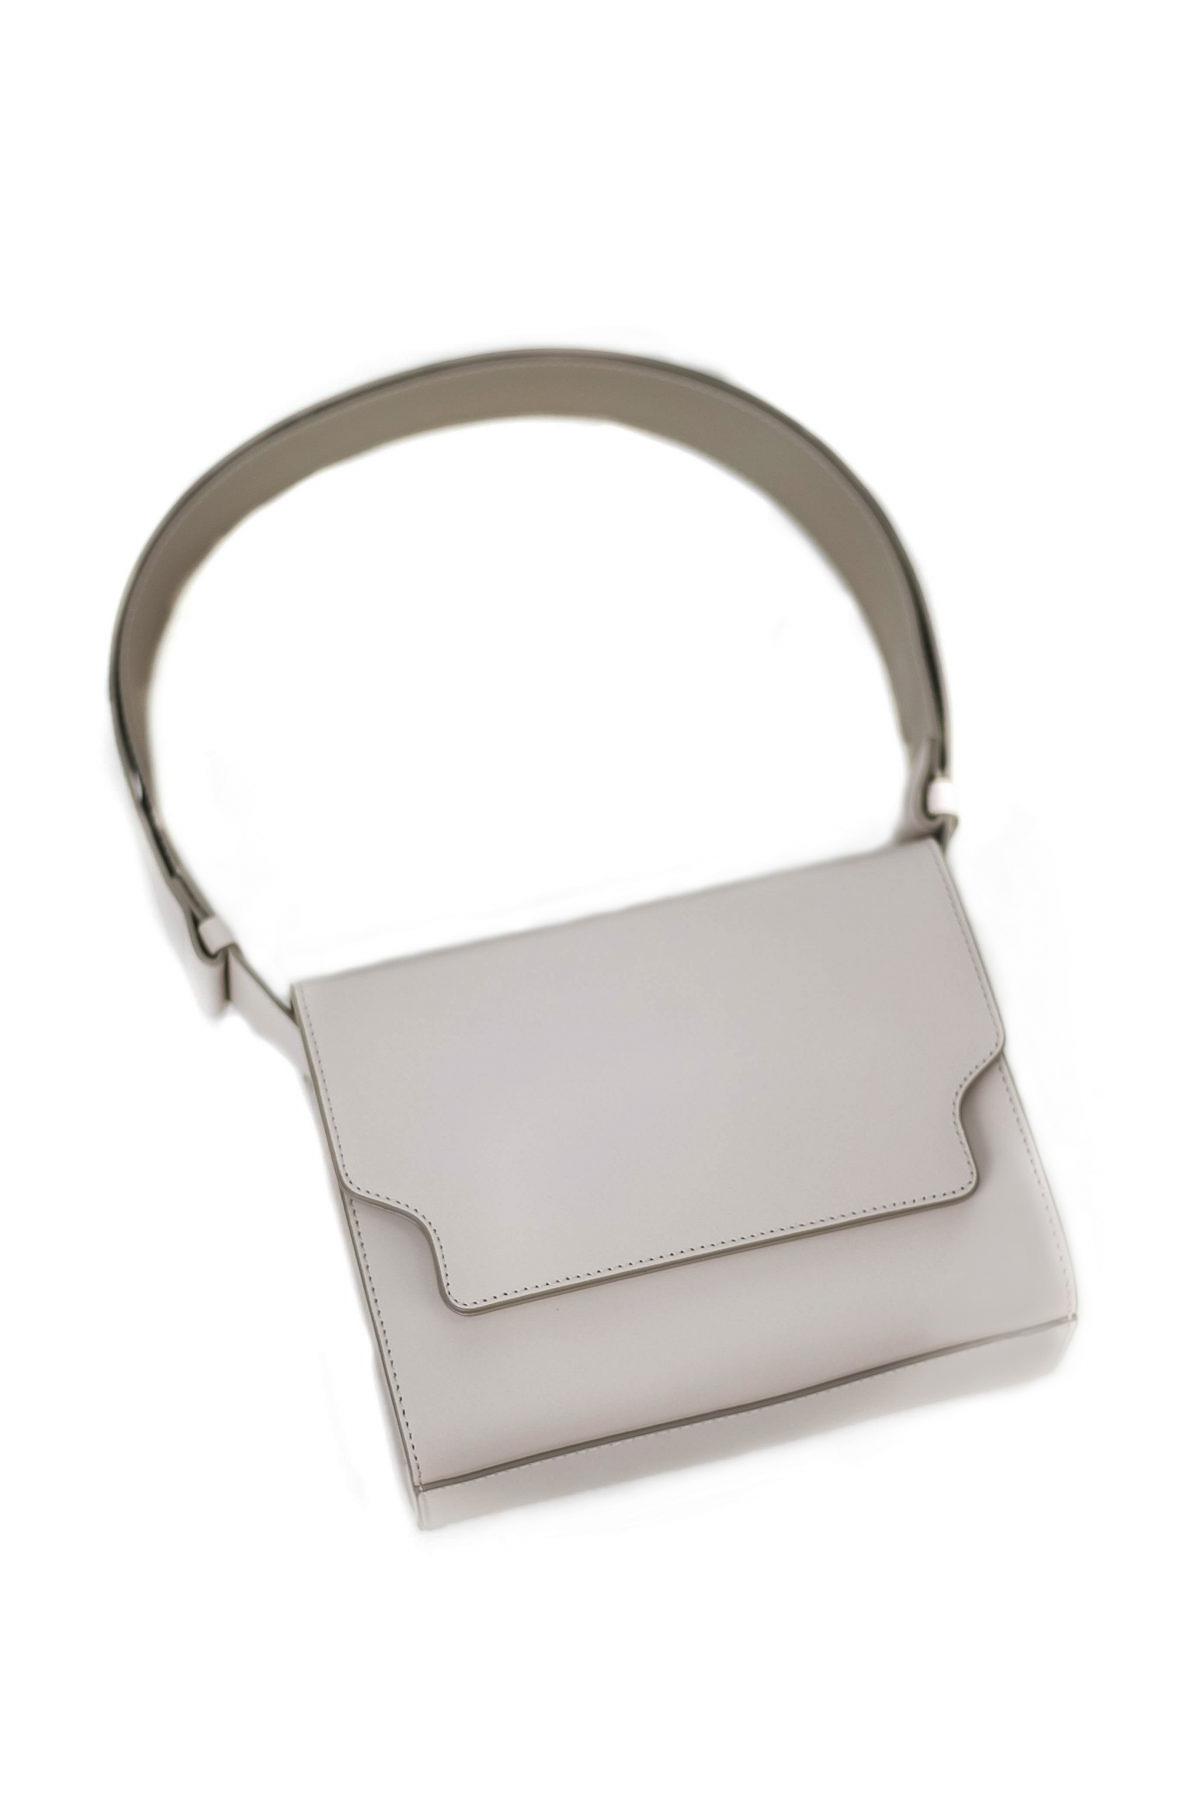 Vava sac à main cuir gris clair de forme rectangulaire signé Marge Sherwood